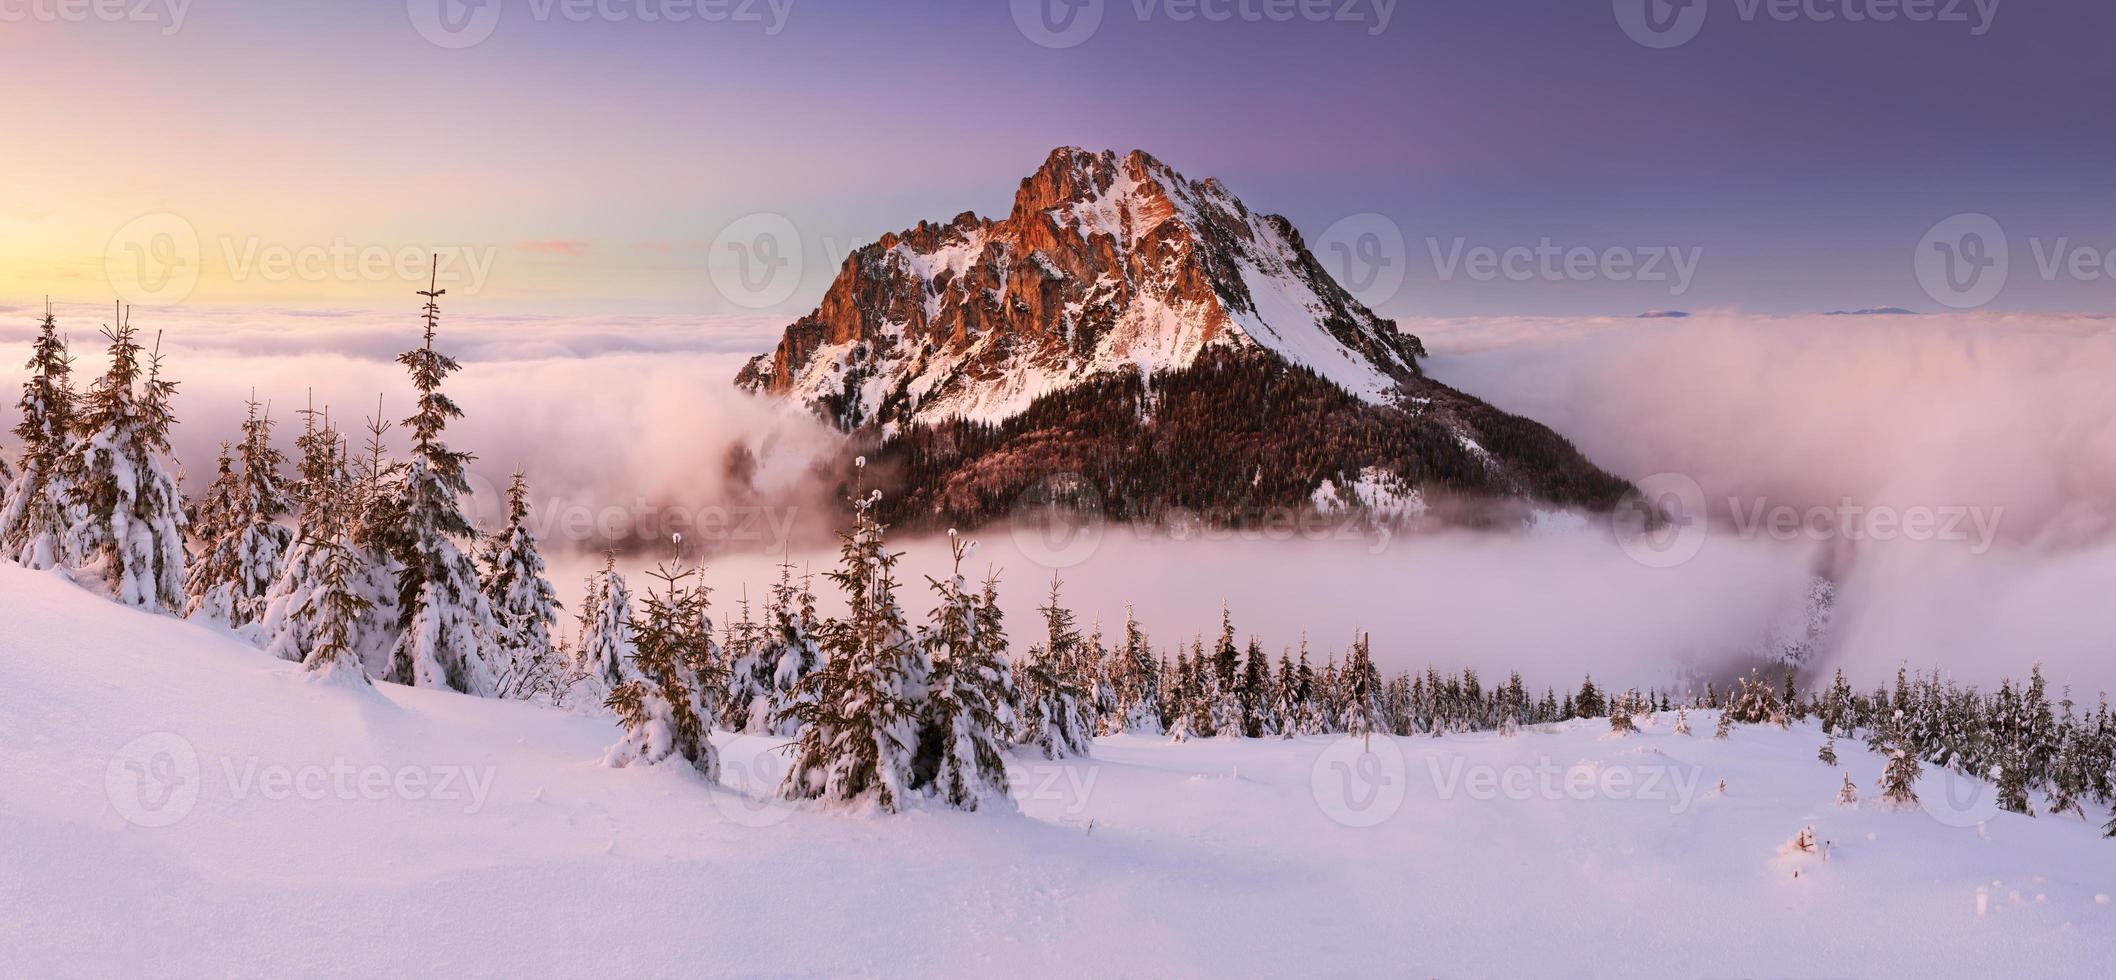 hiver en montagne avec pic rocheux - slovaquie photo